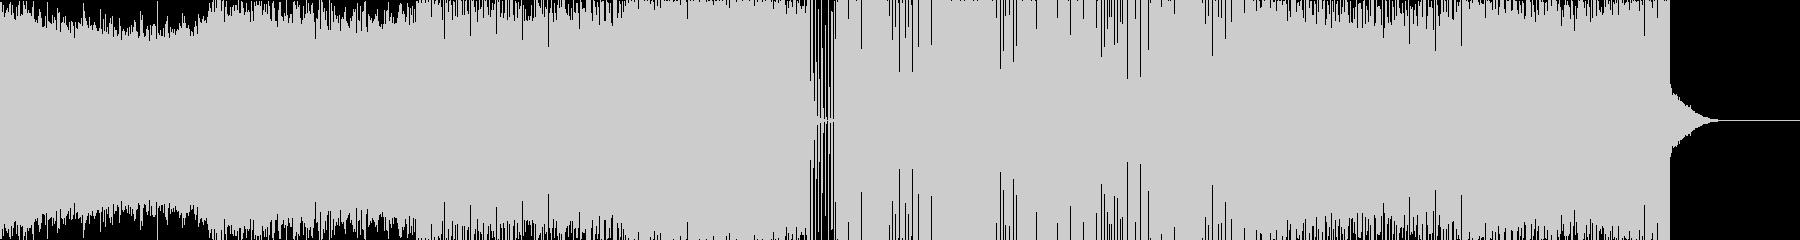 EDM、凶悪なワブルベースダブステップ2の未再生の波形